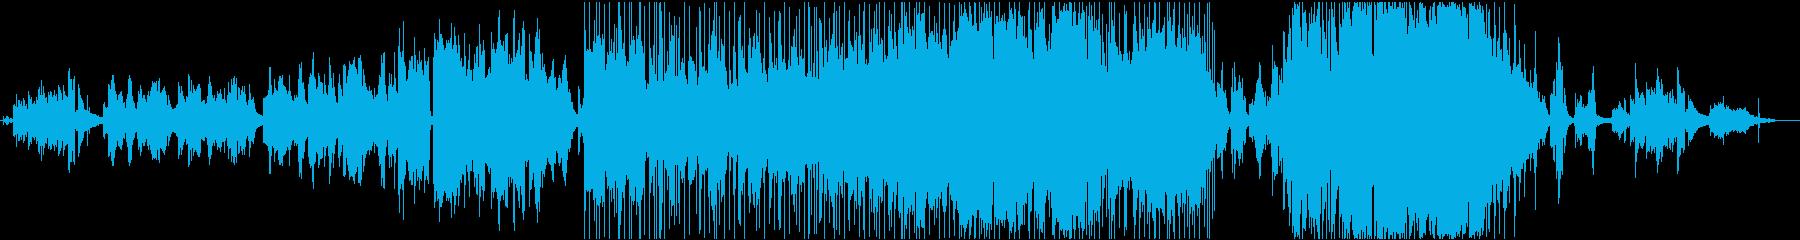 最後のいたずらの再生済みの波形